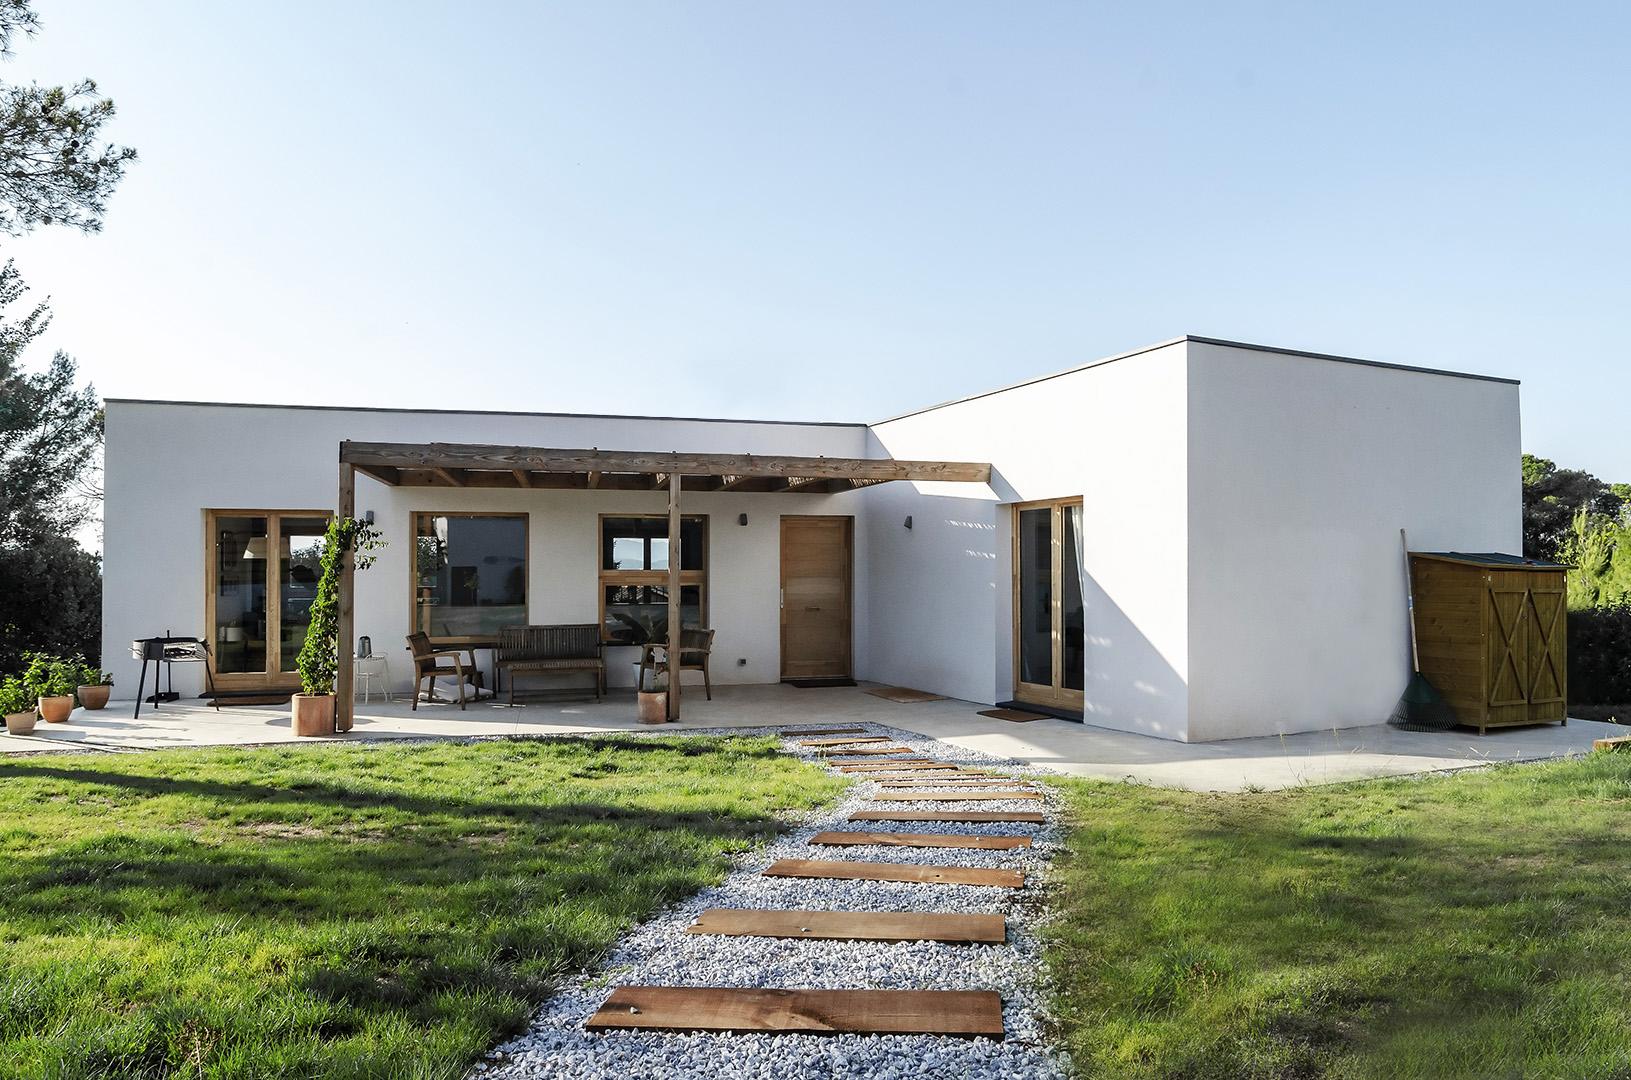 Proyectos Arquima - Casa Valldoreix